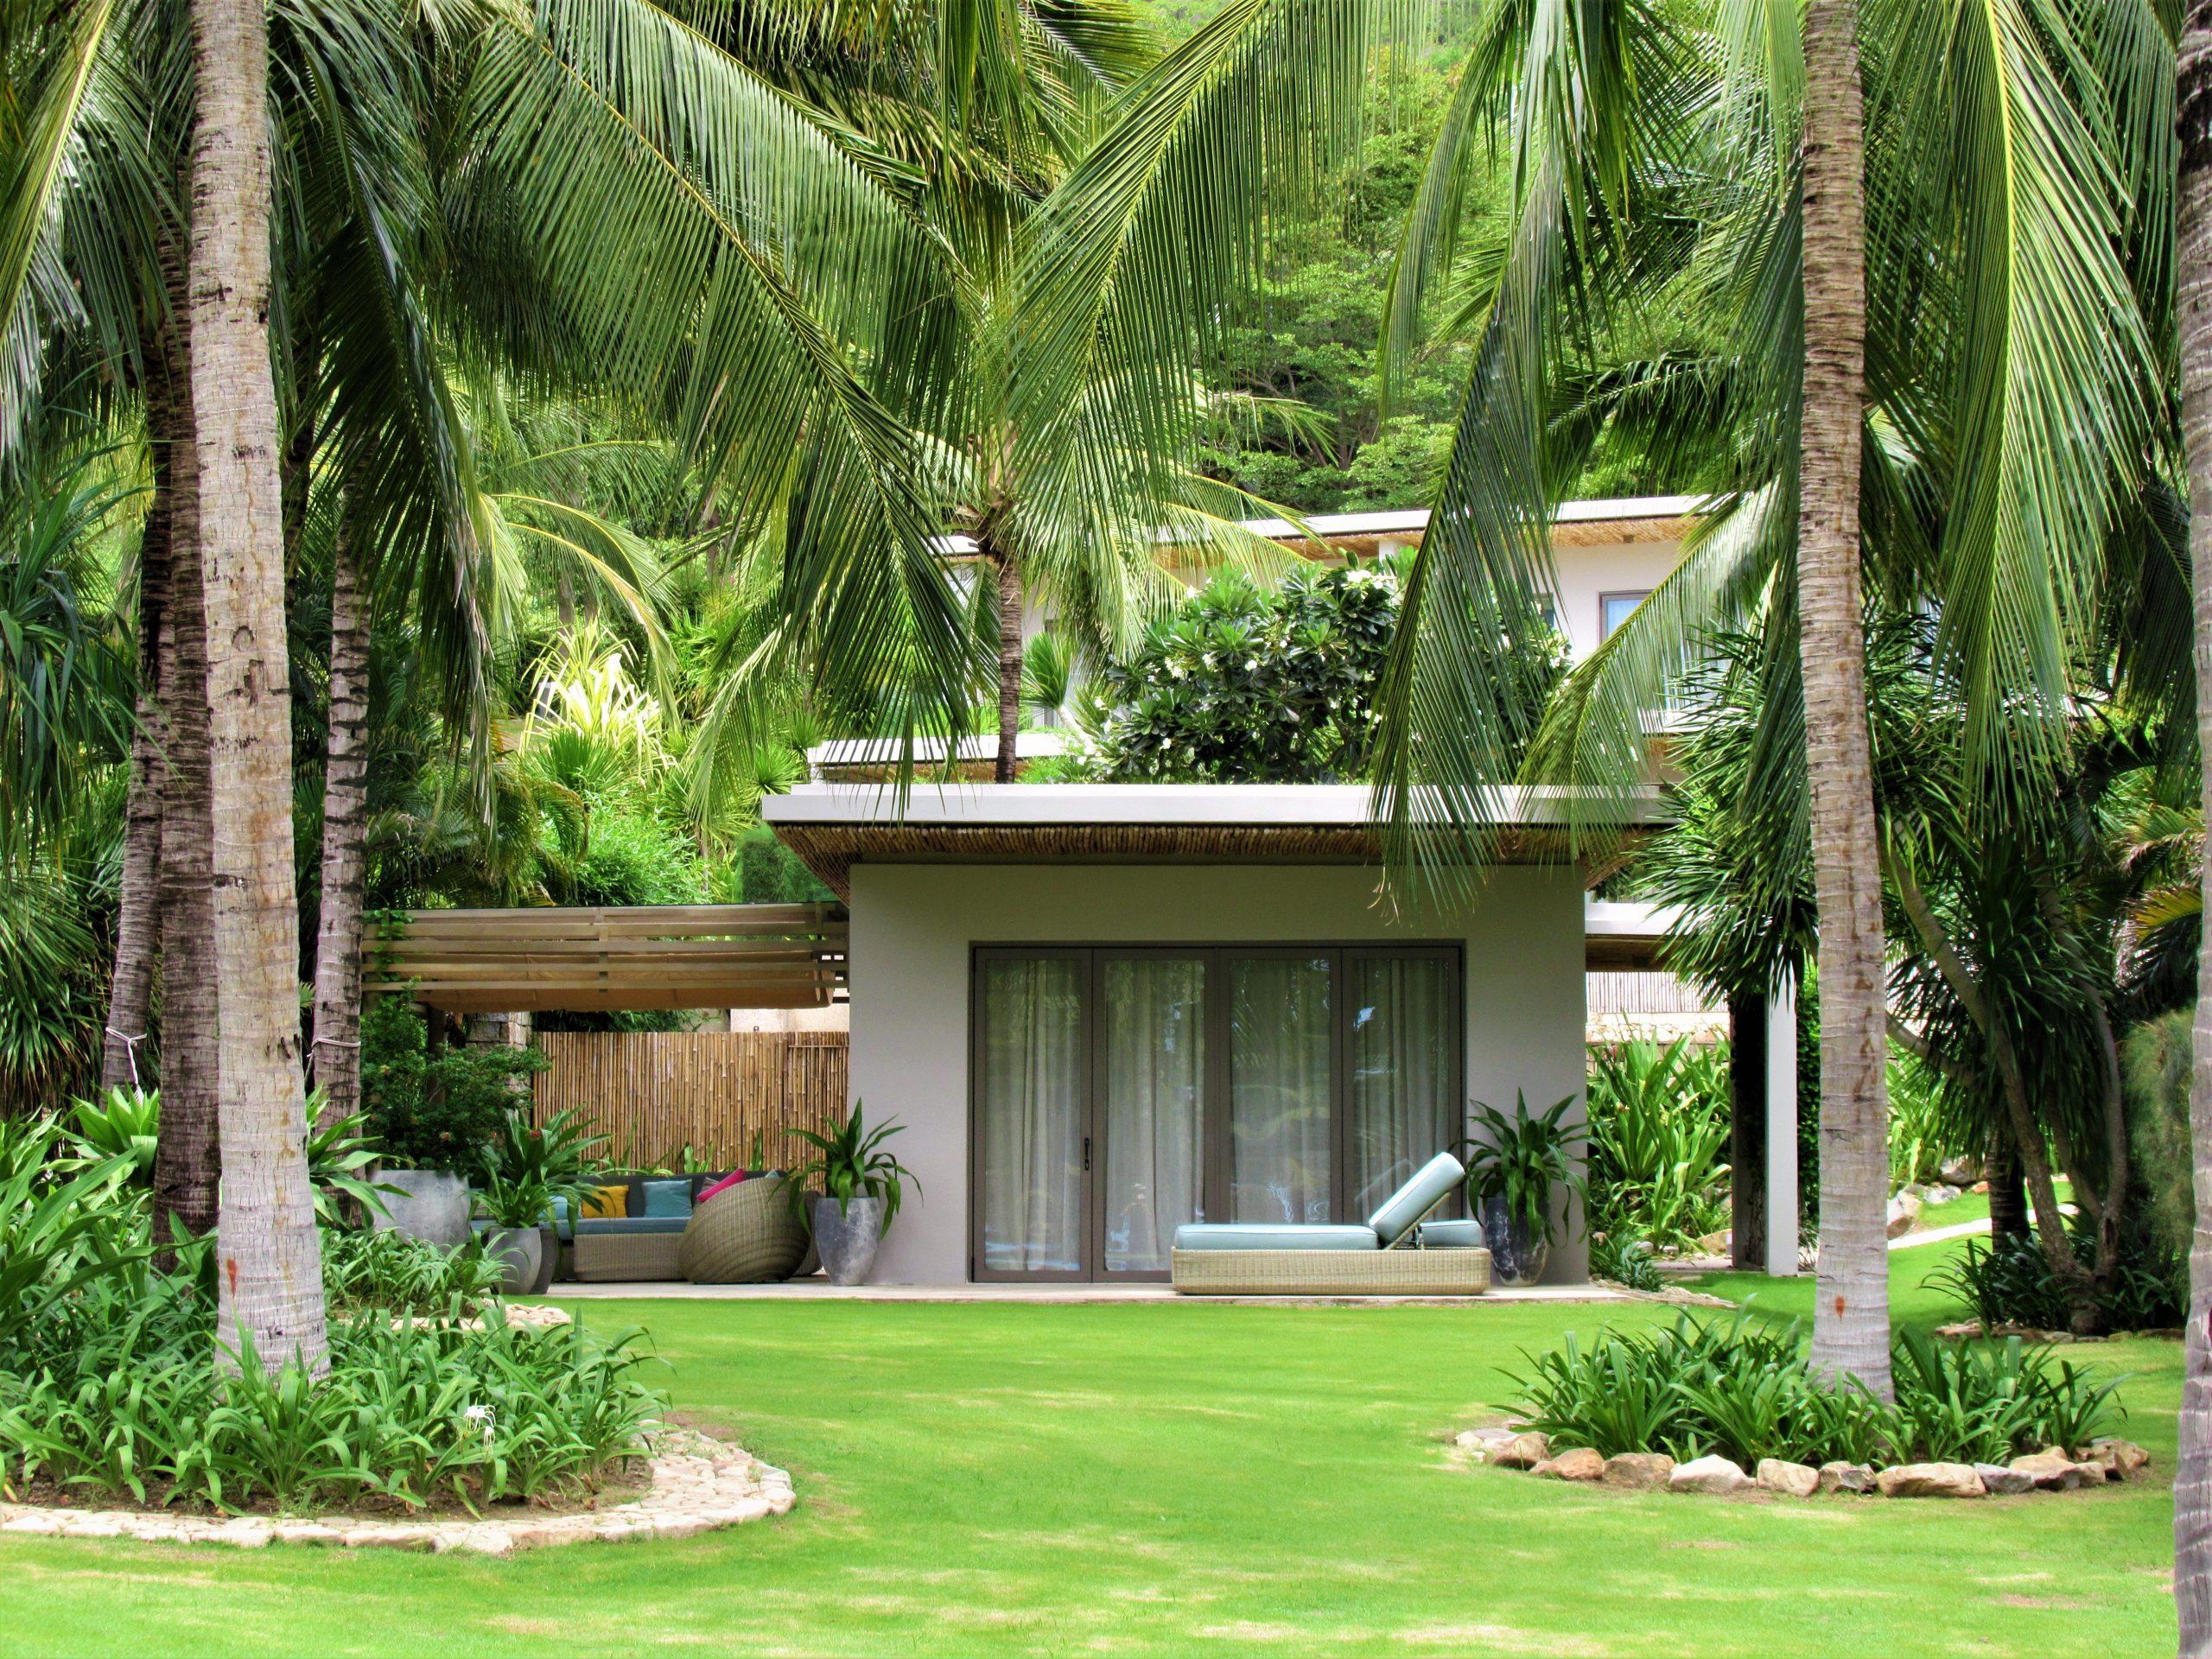 Mia Beach Resort Nha Trang, Vietnam